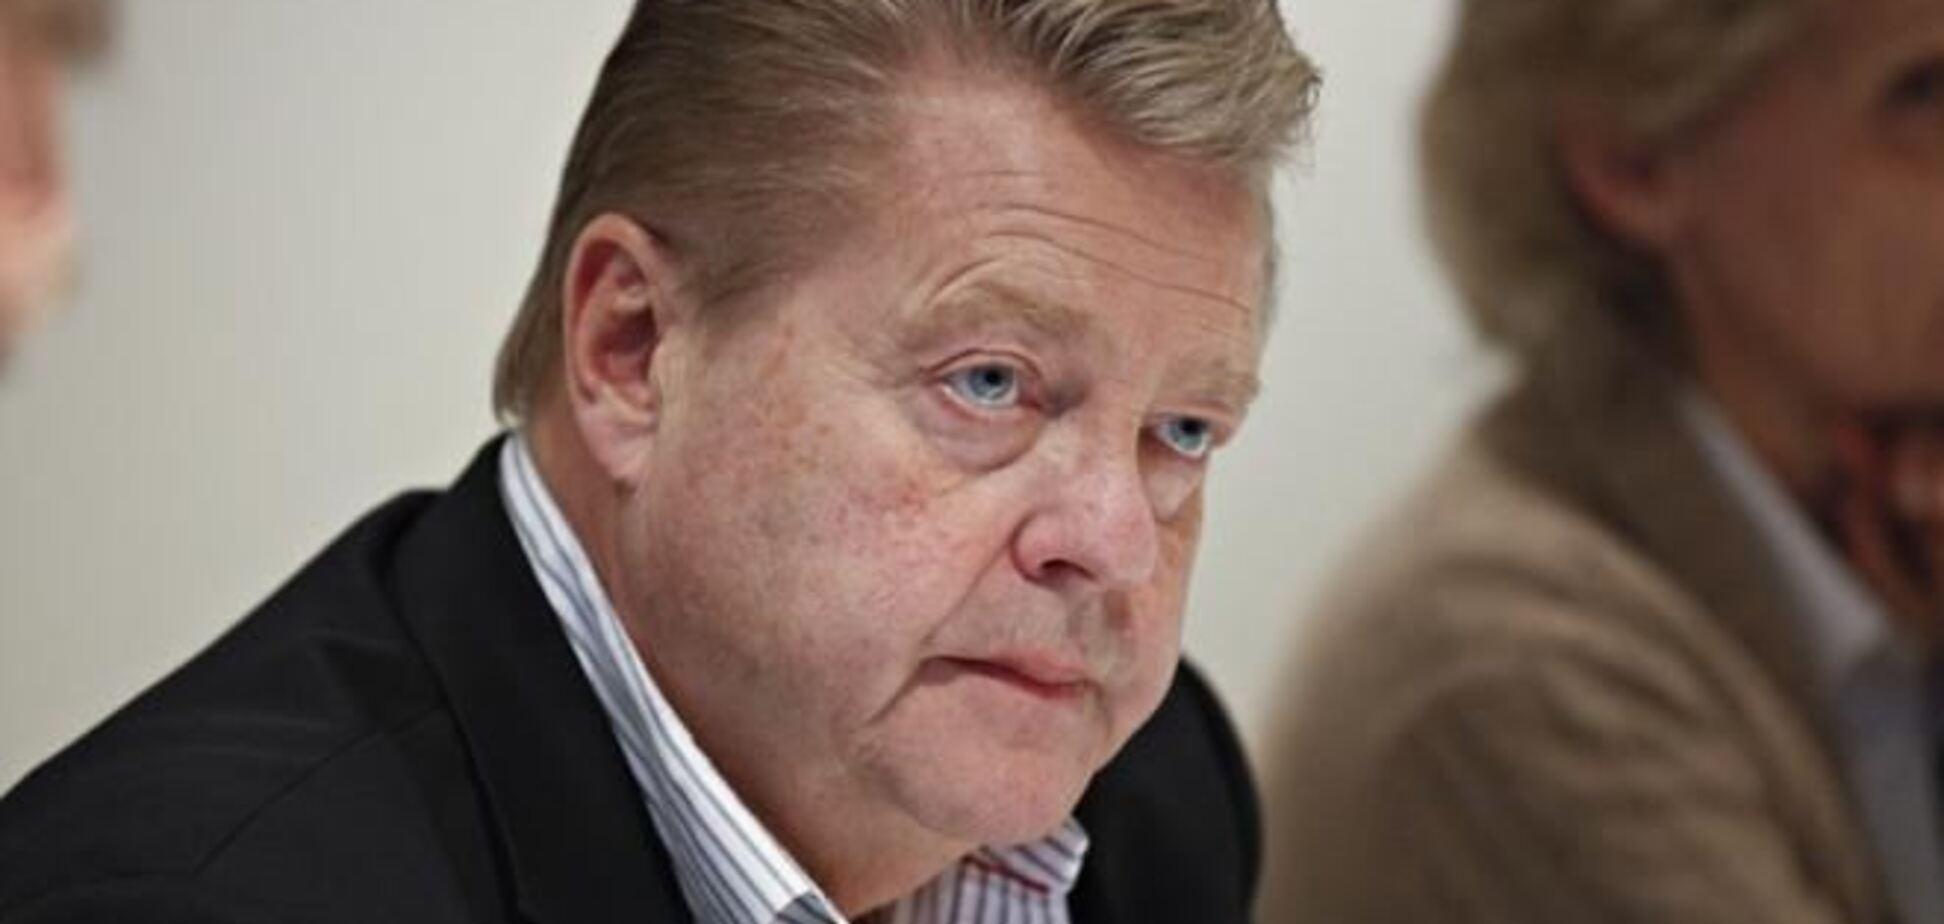 Норвегия может отказаться от участия в Паралимпийских играх в Сочи